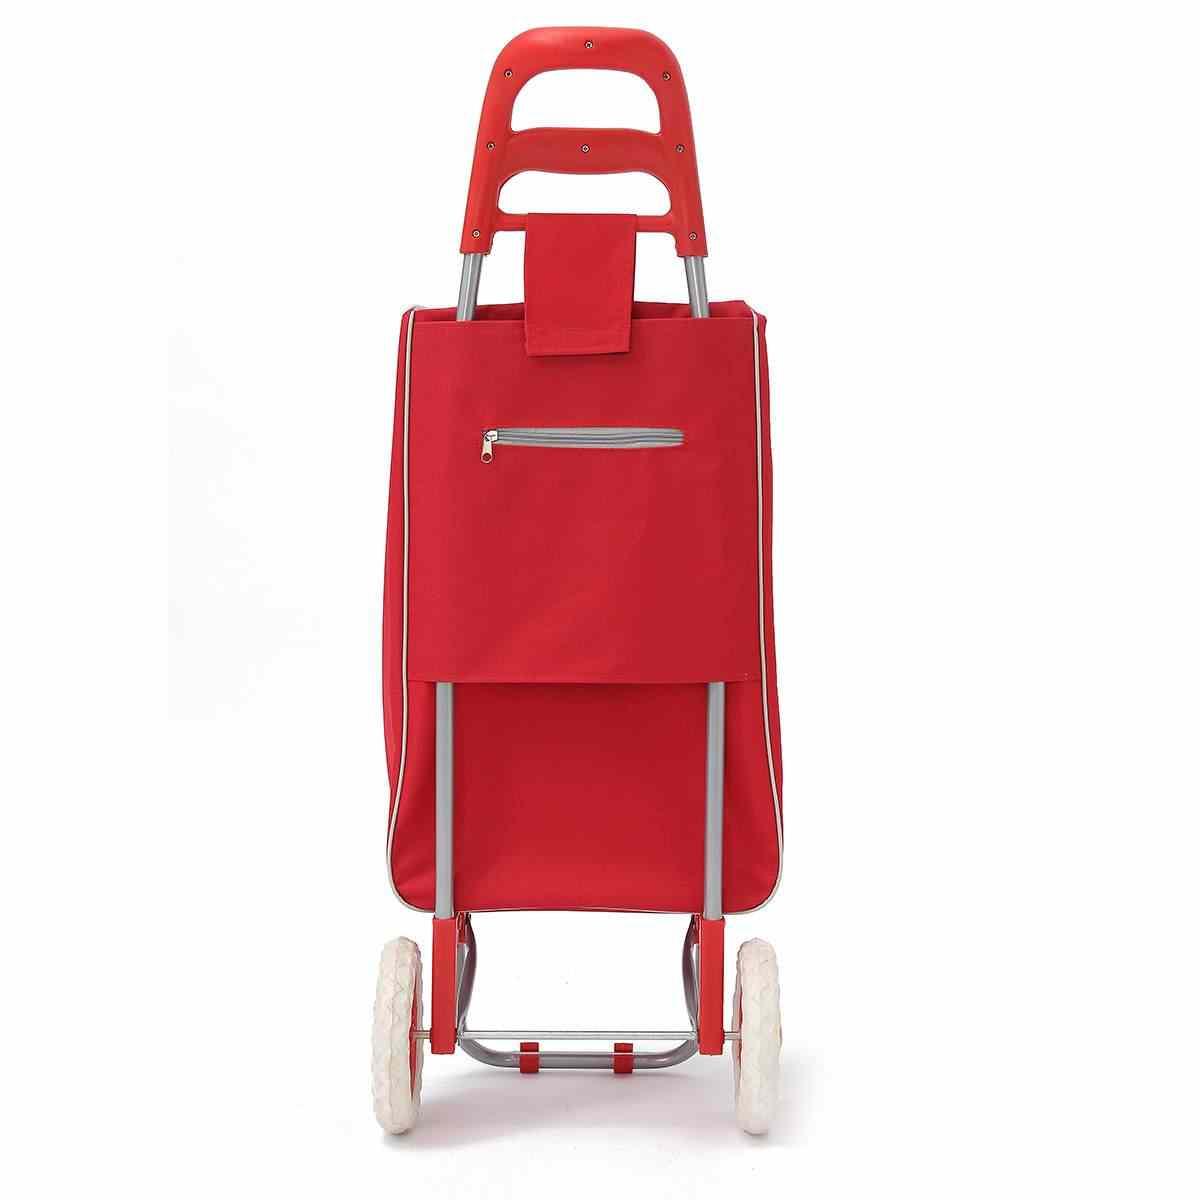 45L Складная Тележка Для Покупок Сумка на колесах толкатель тележка тележки на колесиках сумка Корзина багажные колеса Оксфорд ткань Floding